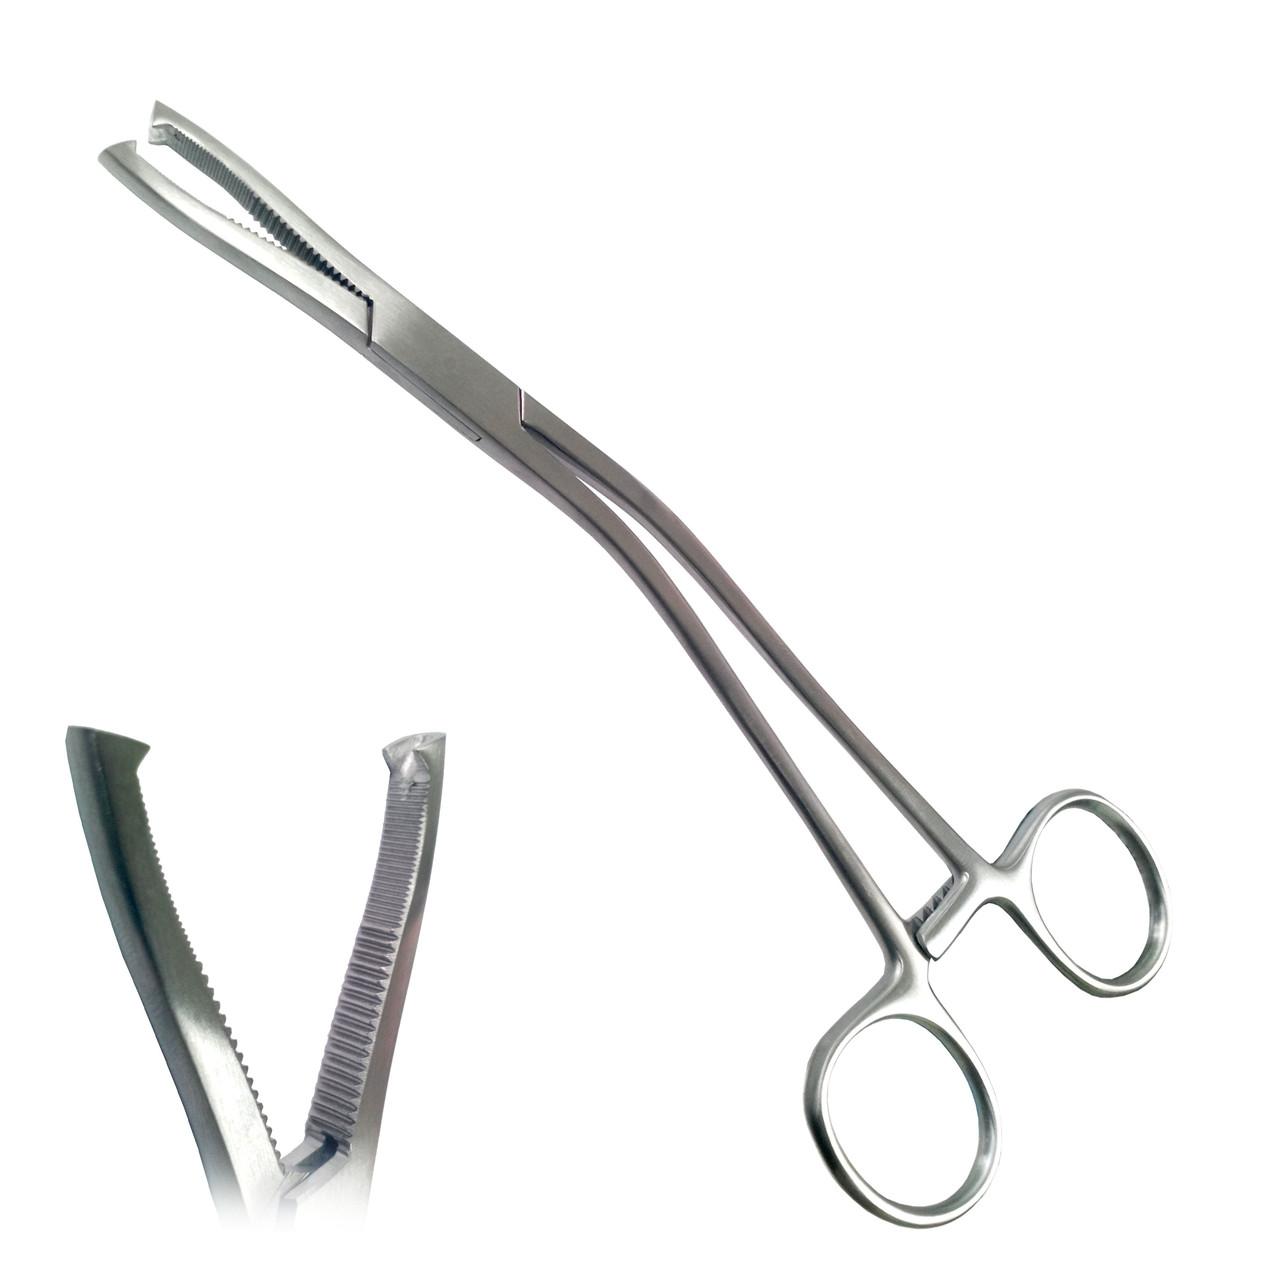 Щипцы для удержания хрящей горизонтально изогнутые зубчатые с зубом и кремальерой по Dingmann. Длина 19 см SURGIWELOMED